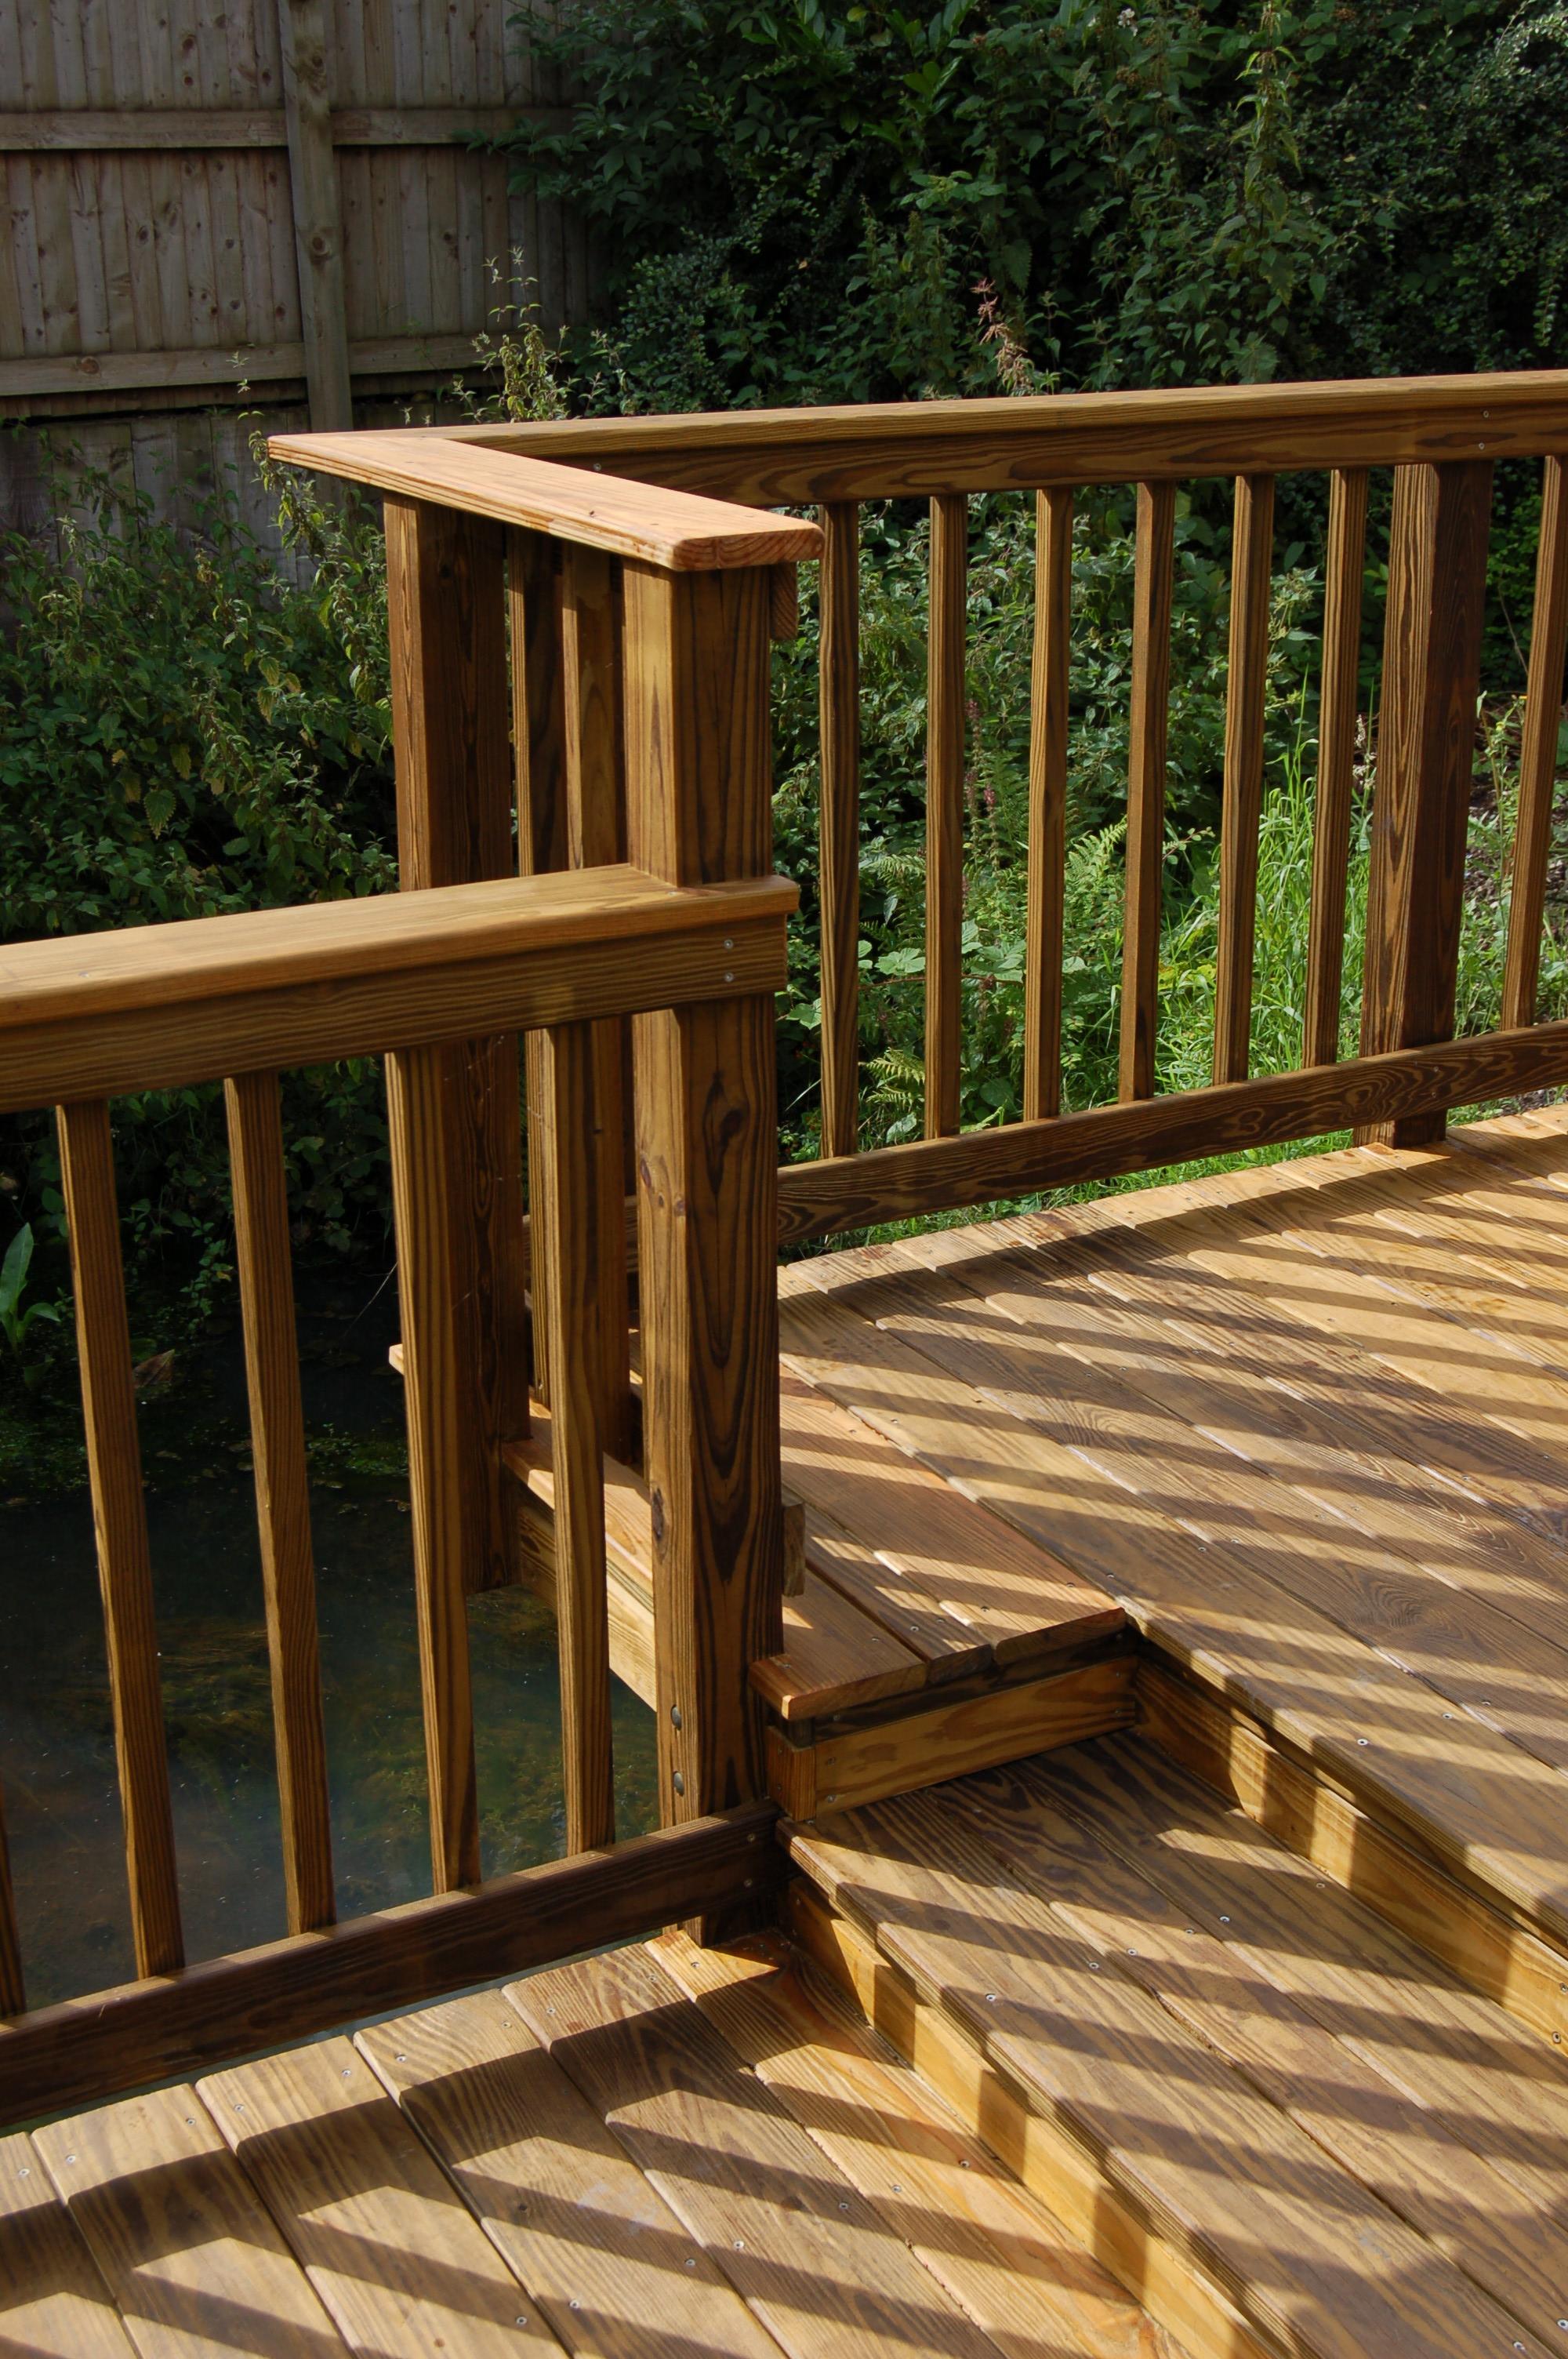 Post & spindle balustrade system